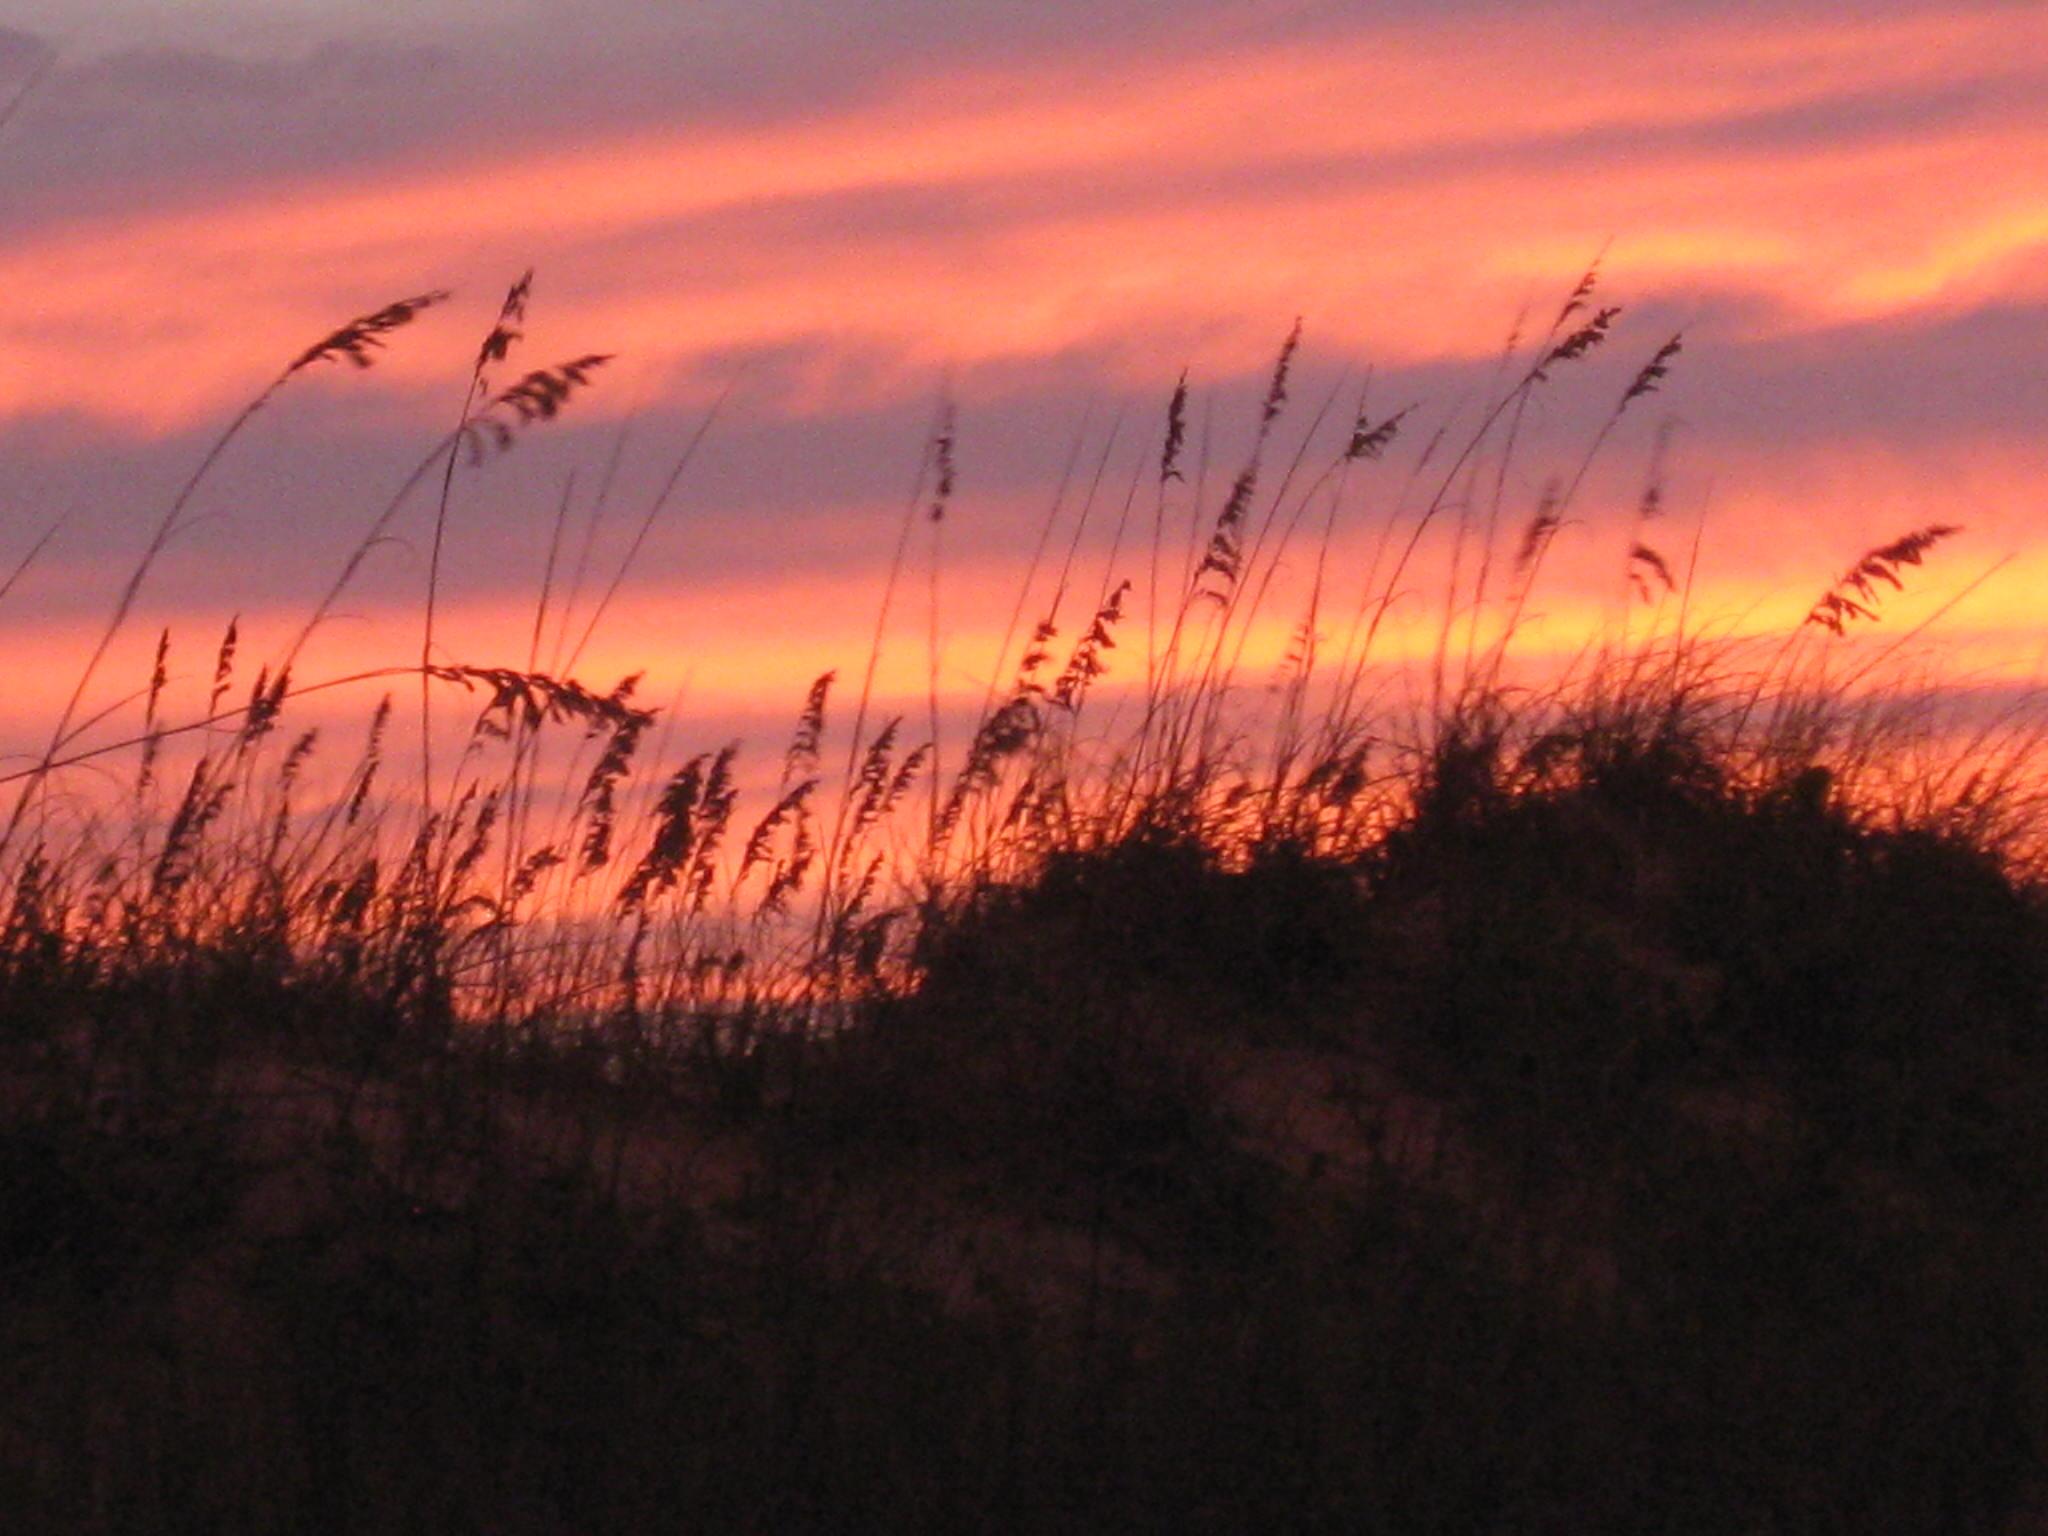 Fiery Sunset photo credit Gabriel